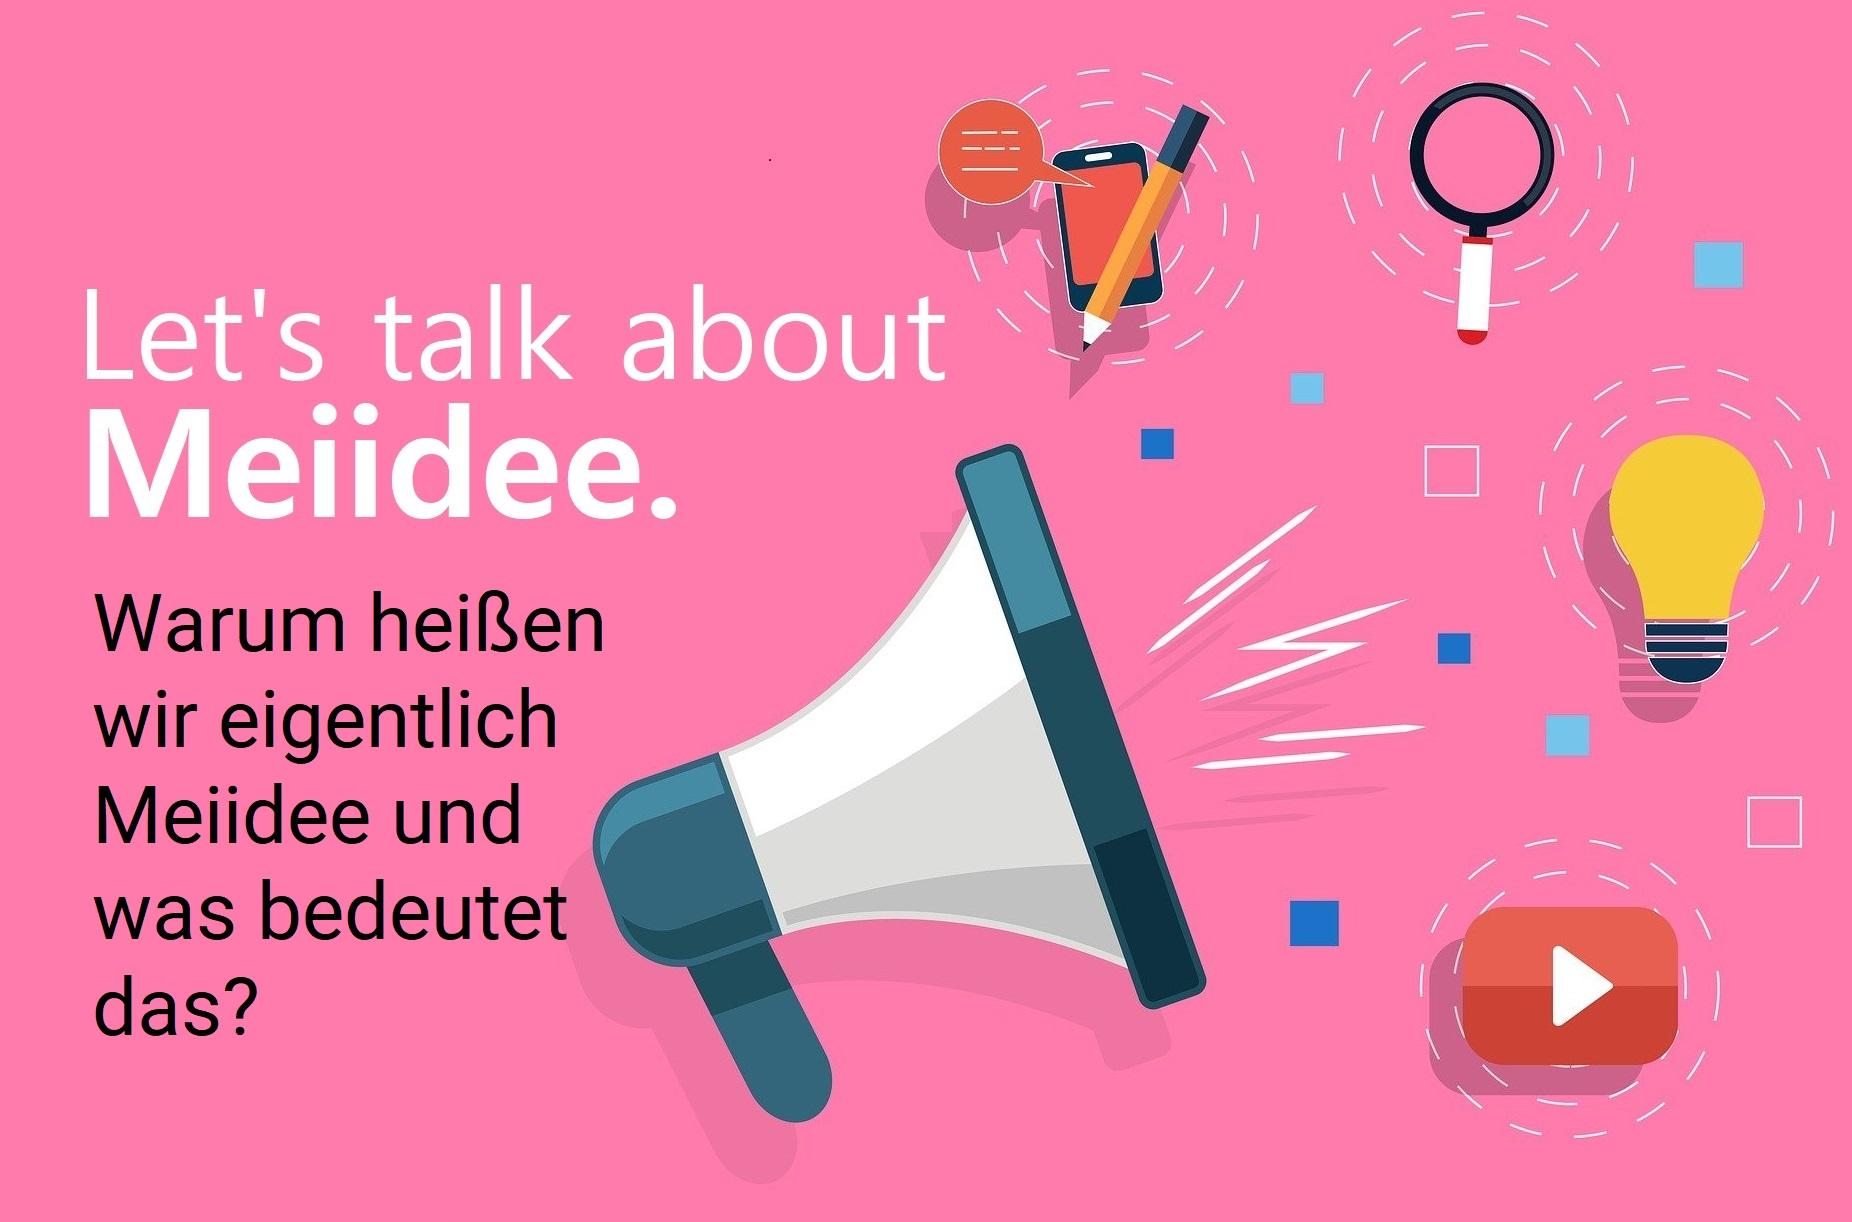 Let's talk about Meiidee! – Warum heißen wir eigentlich Meiidee und was bedeutet das?